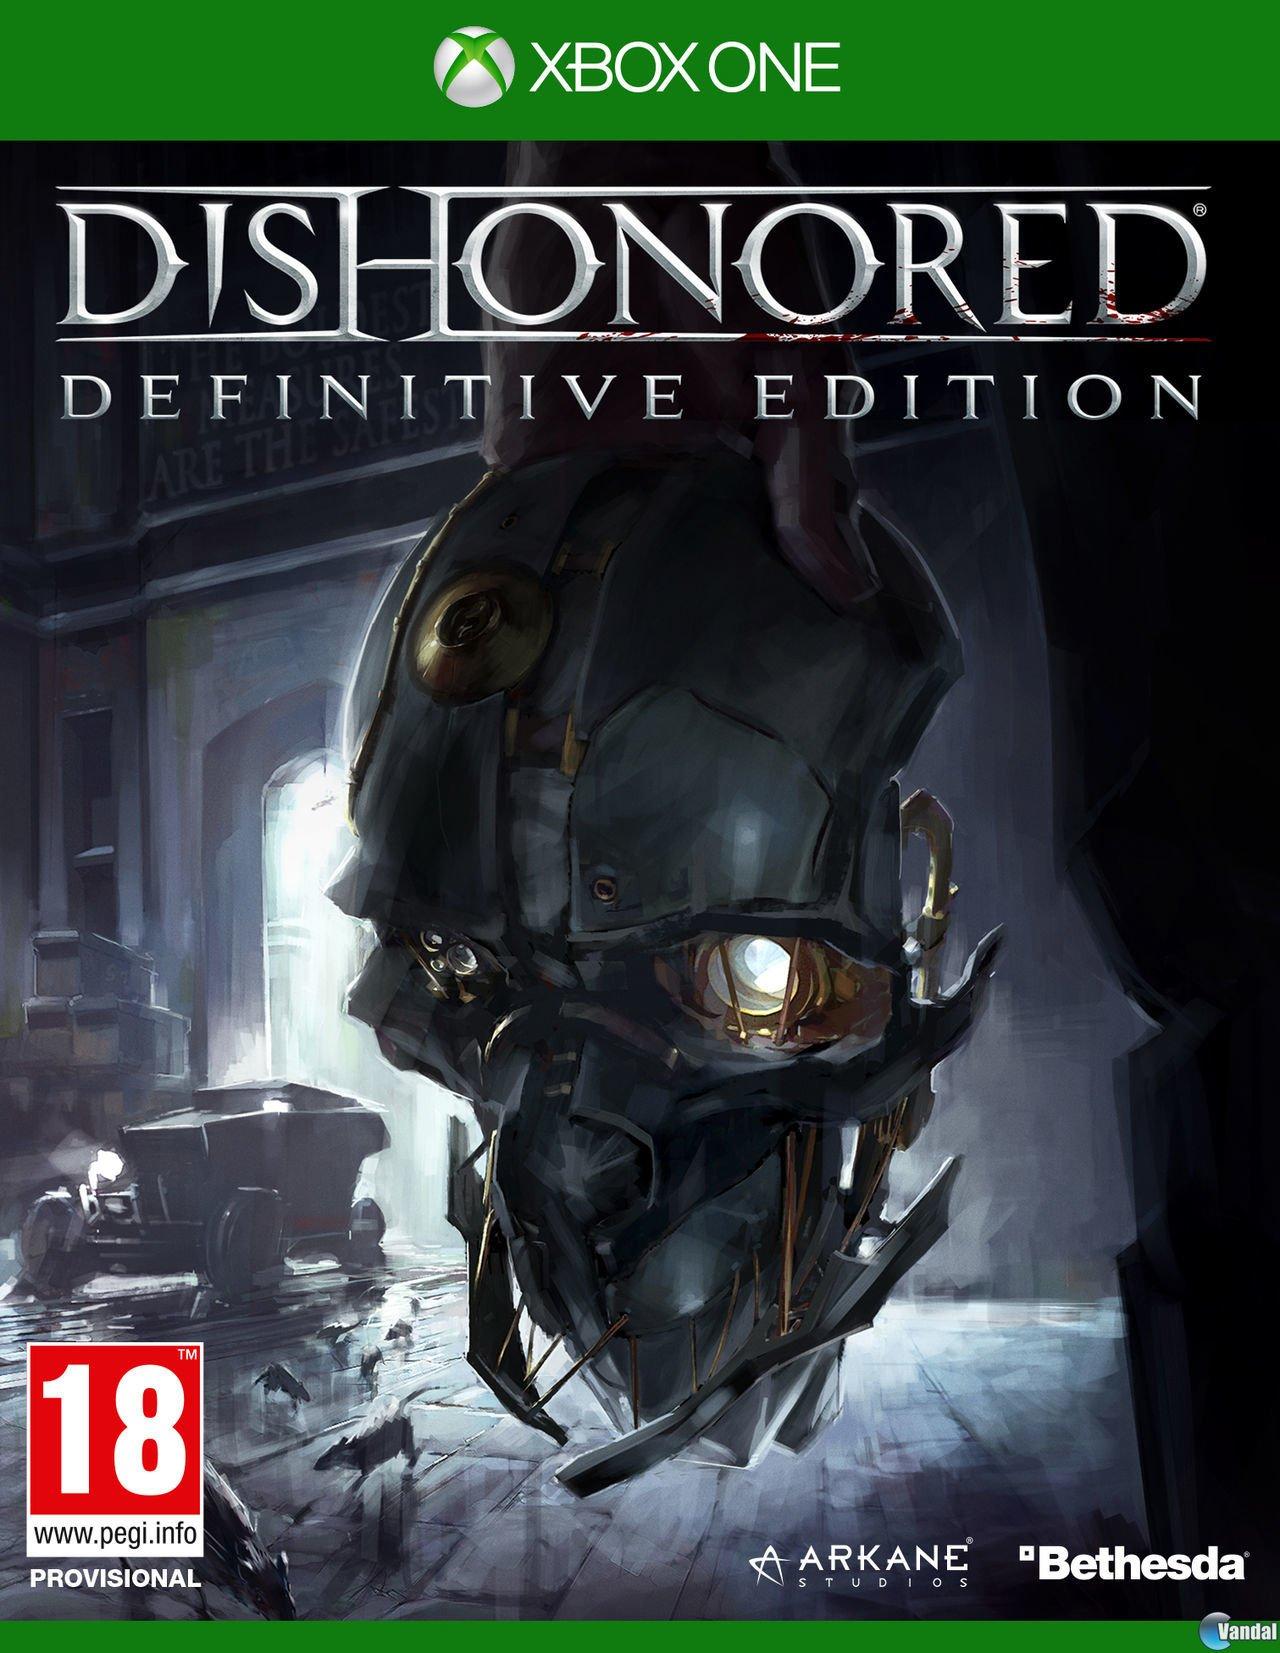 Dishonored - Definitive Edition (AUS) (FR/IT/DE/ES ONLY)